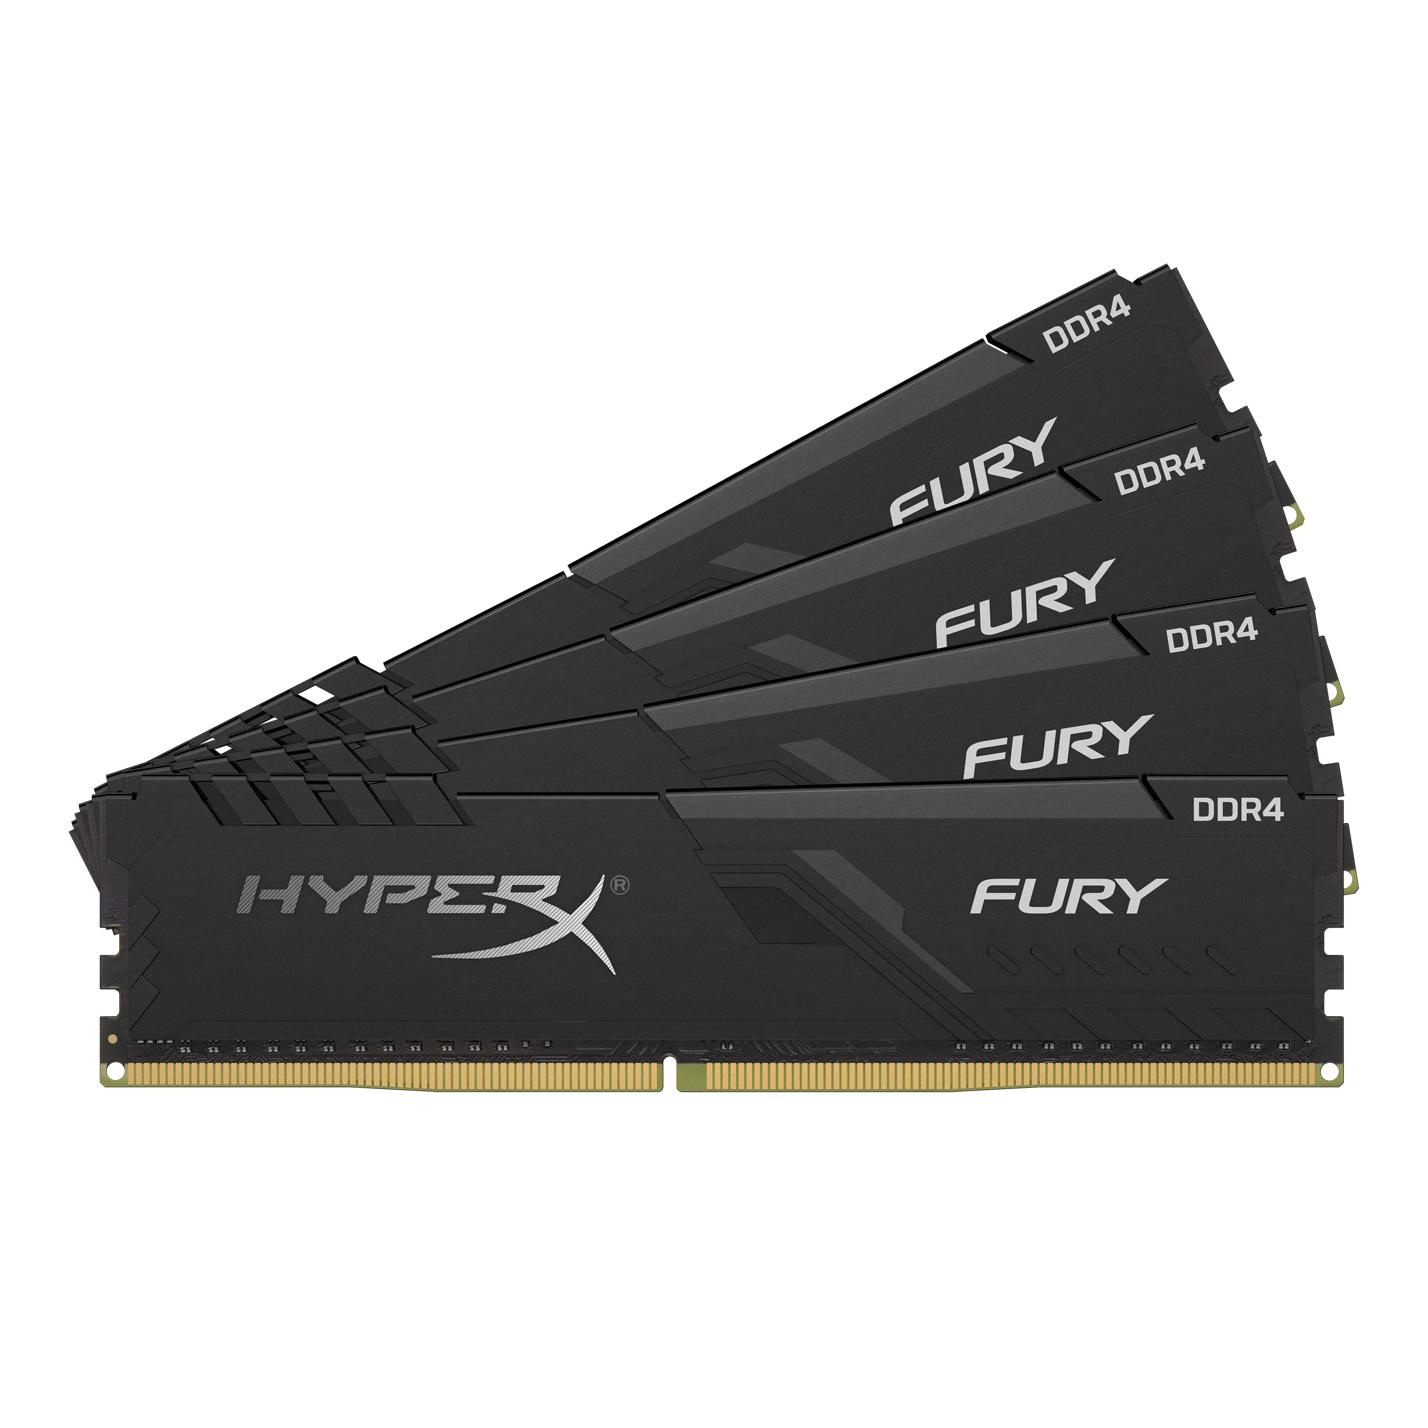 HyperX FURY HX430C15FB3K4/32 memory module 32 GB DDR4 3000 MHz